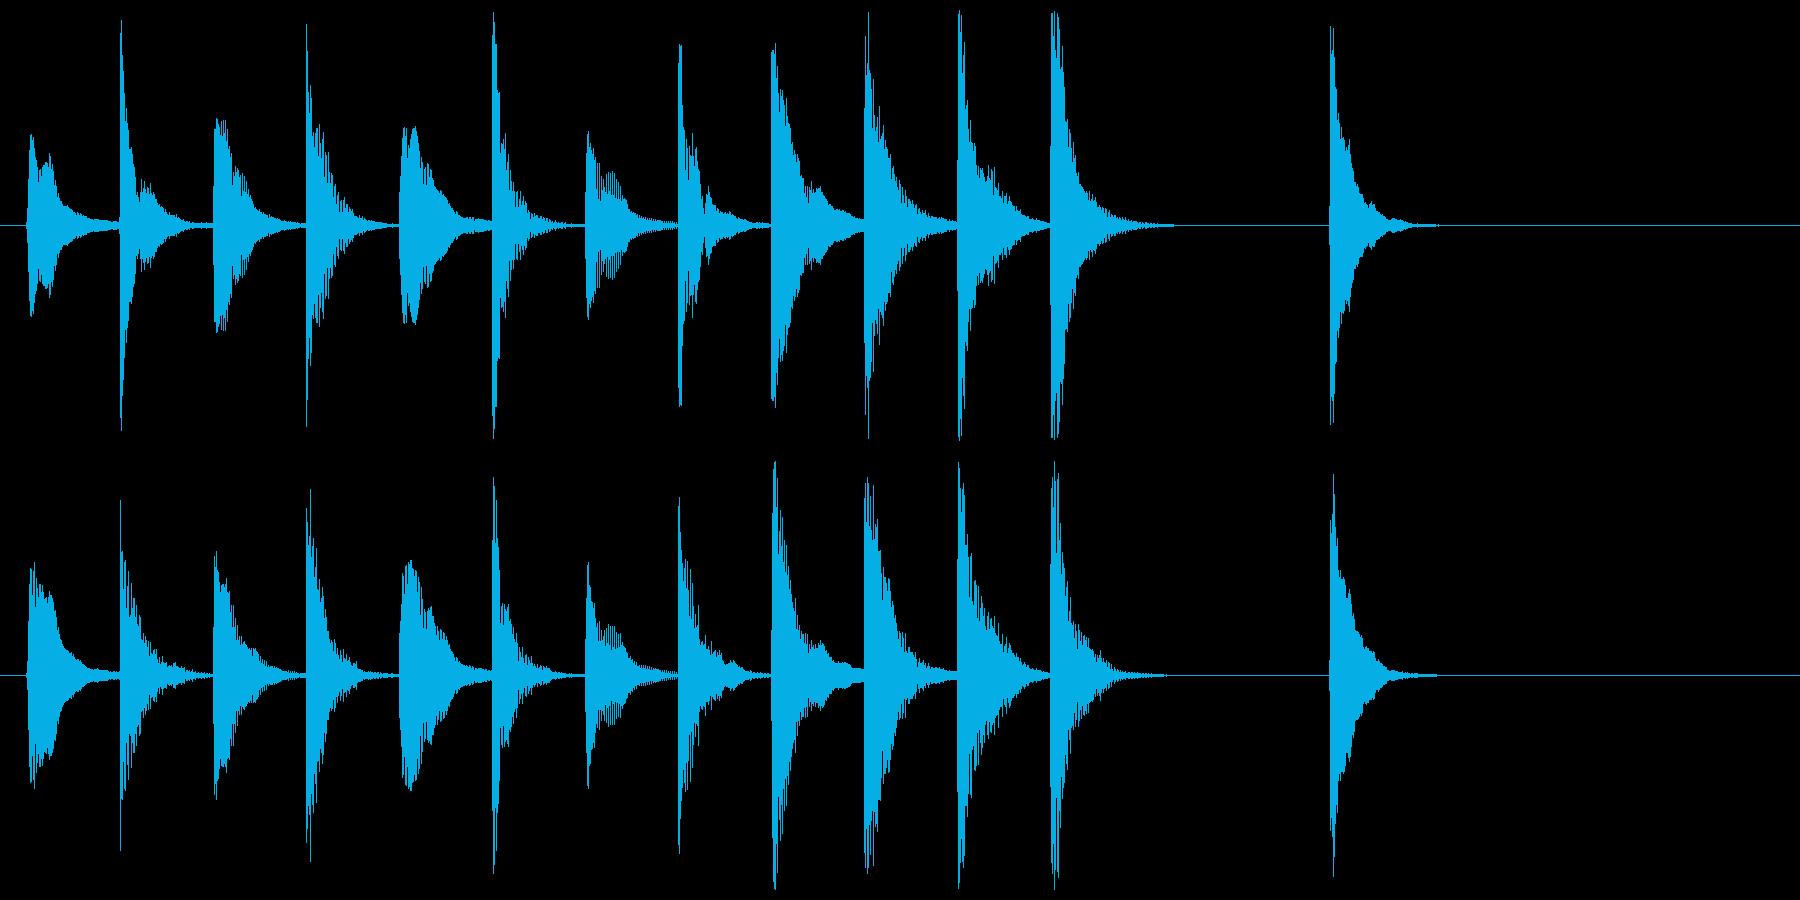 弦楽四重奏のピチカートのかわいいジングルの再生済みの波形